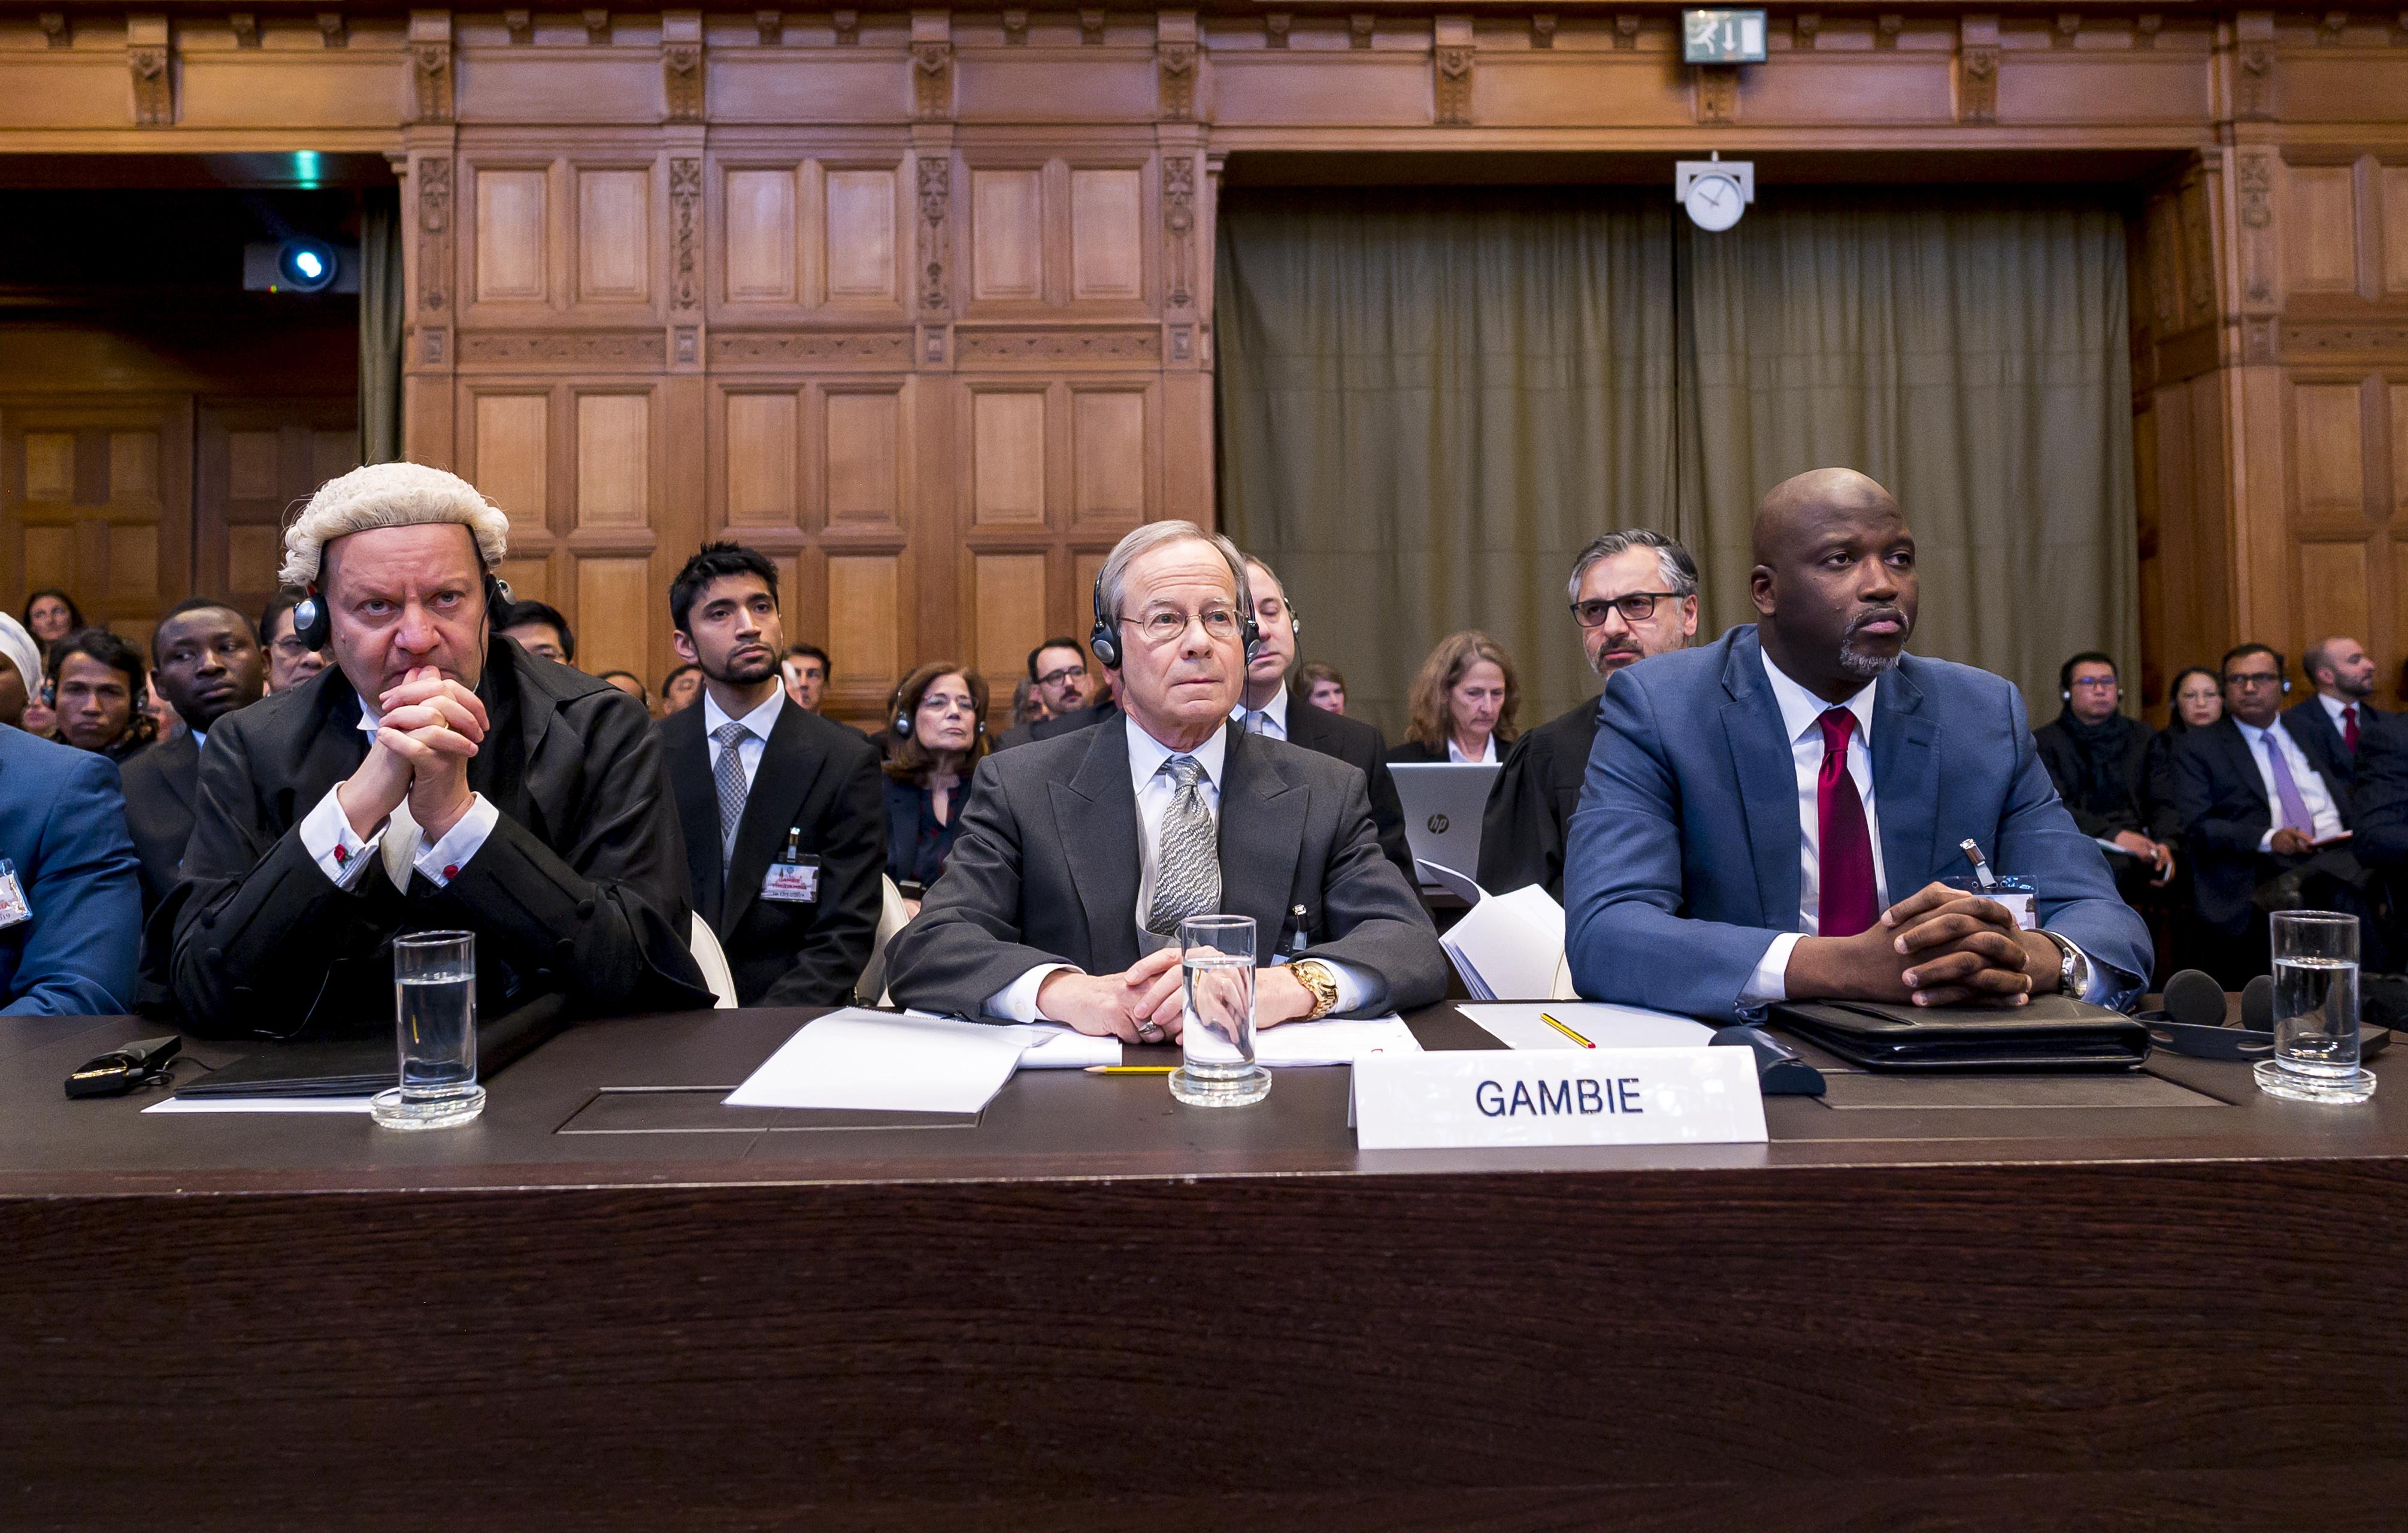 Le ministre gambien de la justice Abubacarr Tambadou (à droite) aux côtés de l'avocat Paul Reichler